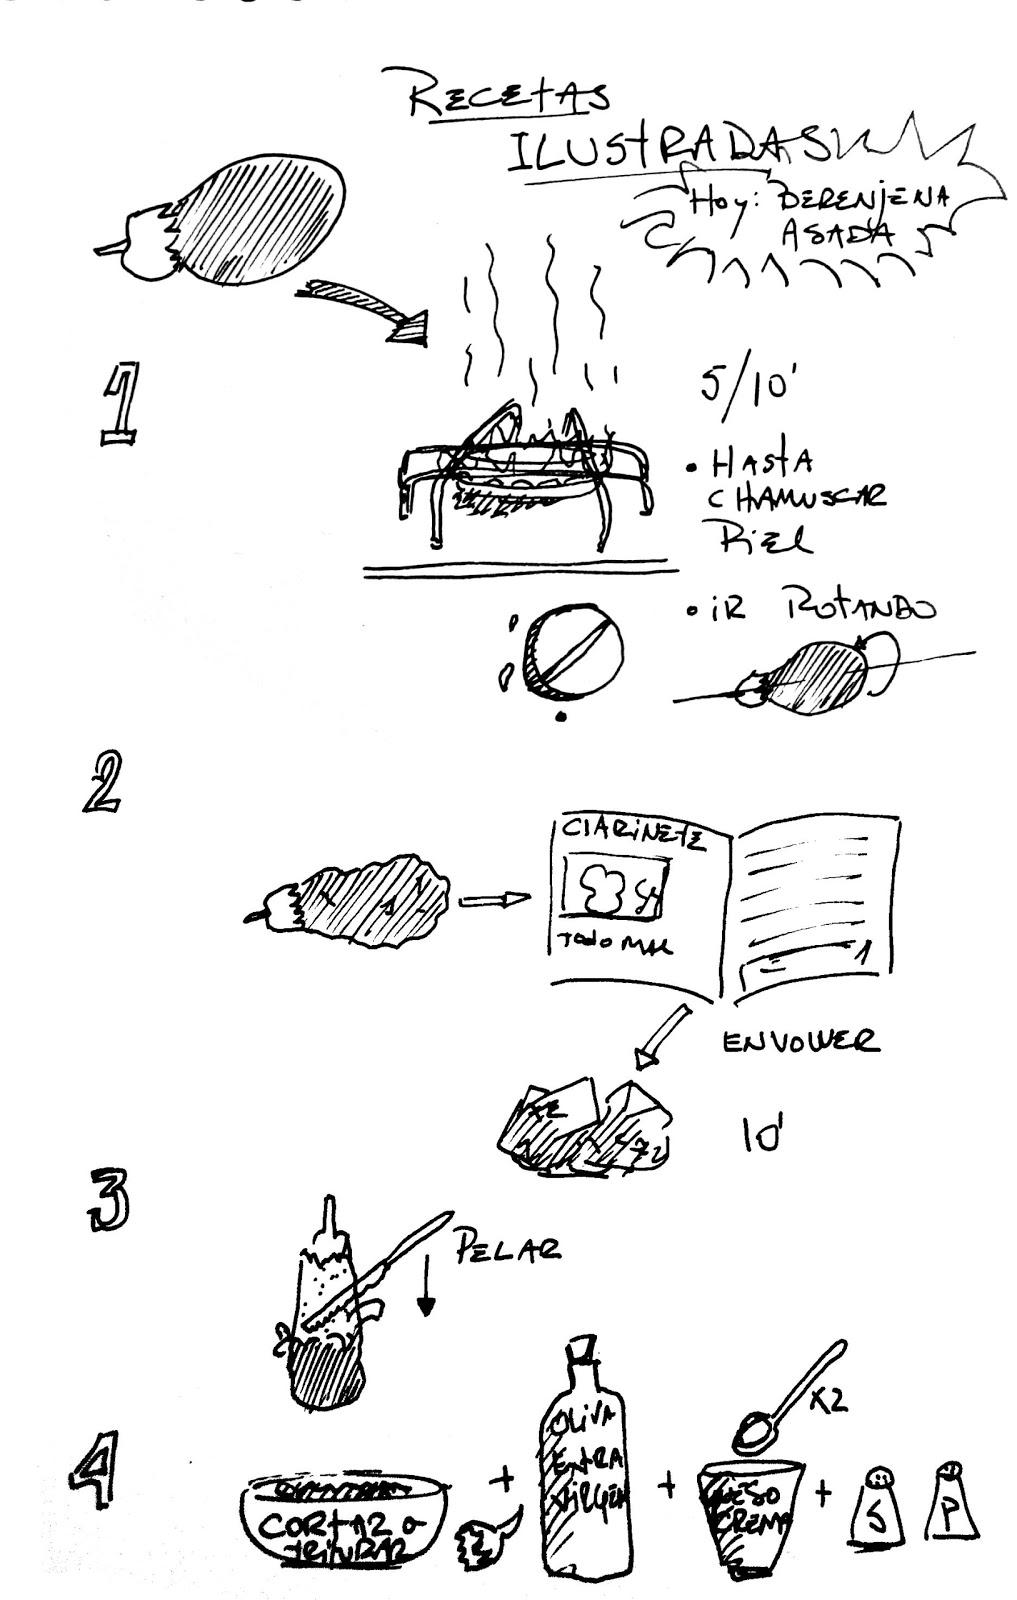 bien jugoso  el blog de hidalgo  recetas ilustradas